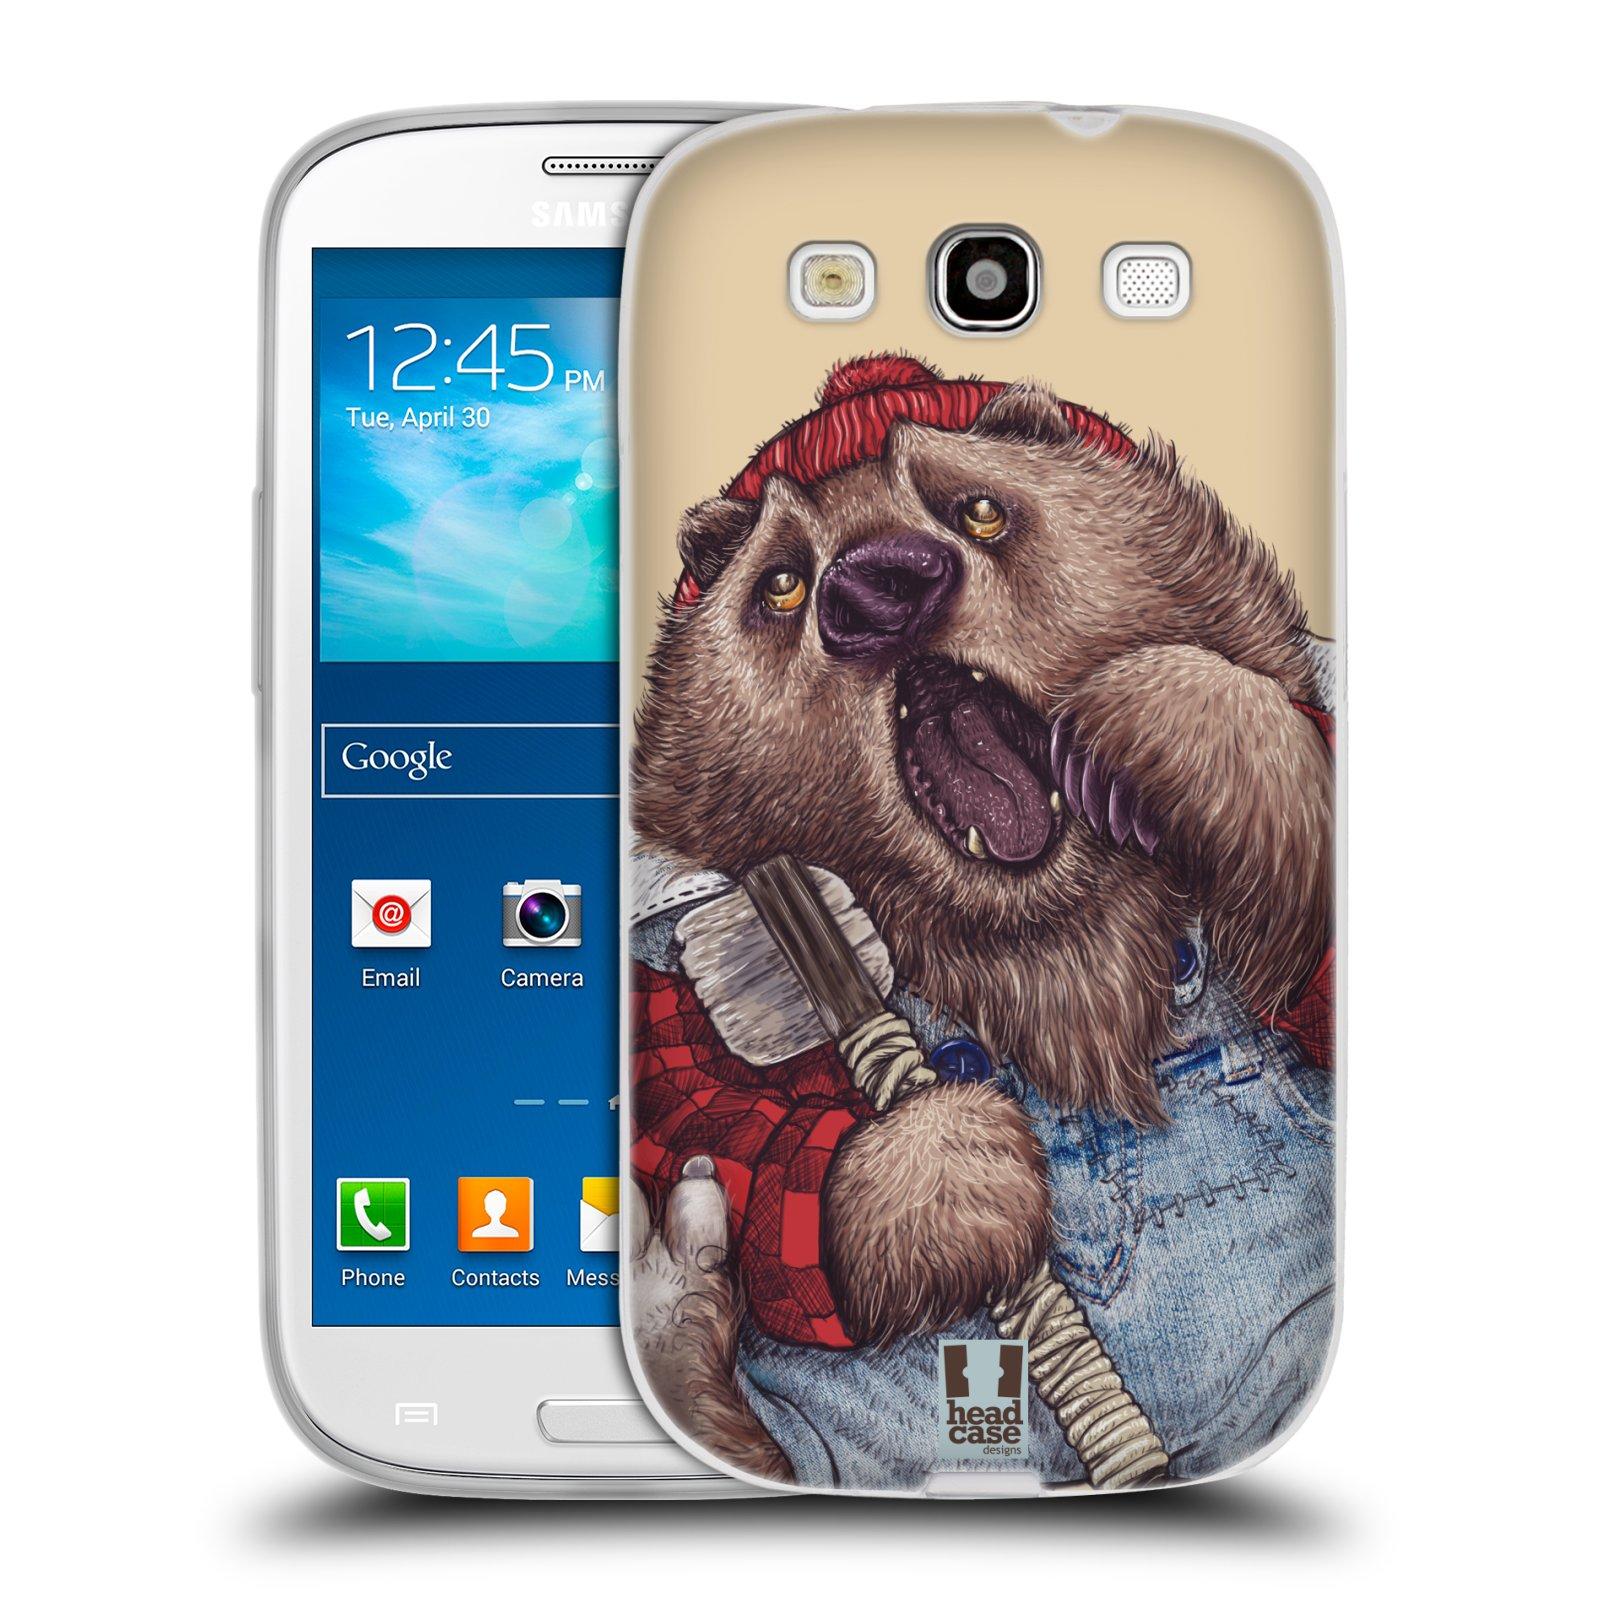 HEAD CASE silikonový obal na mobil Samsung Galaxy S3 i9300 vzor Kreslená zvířátka medvěd